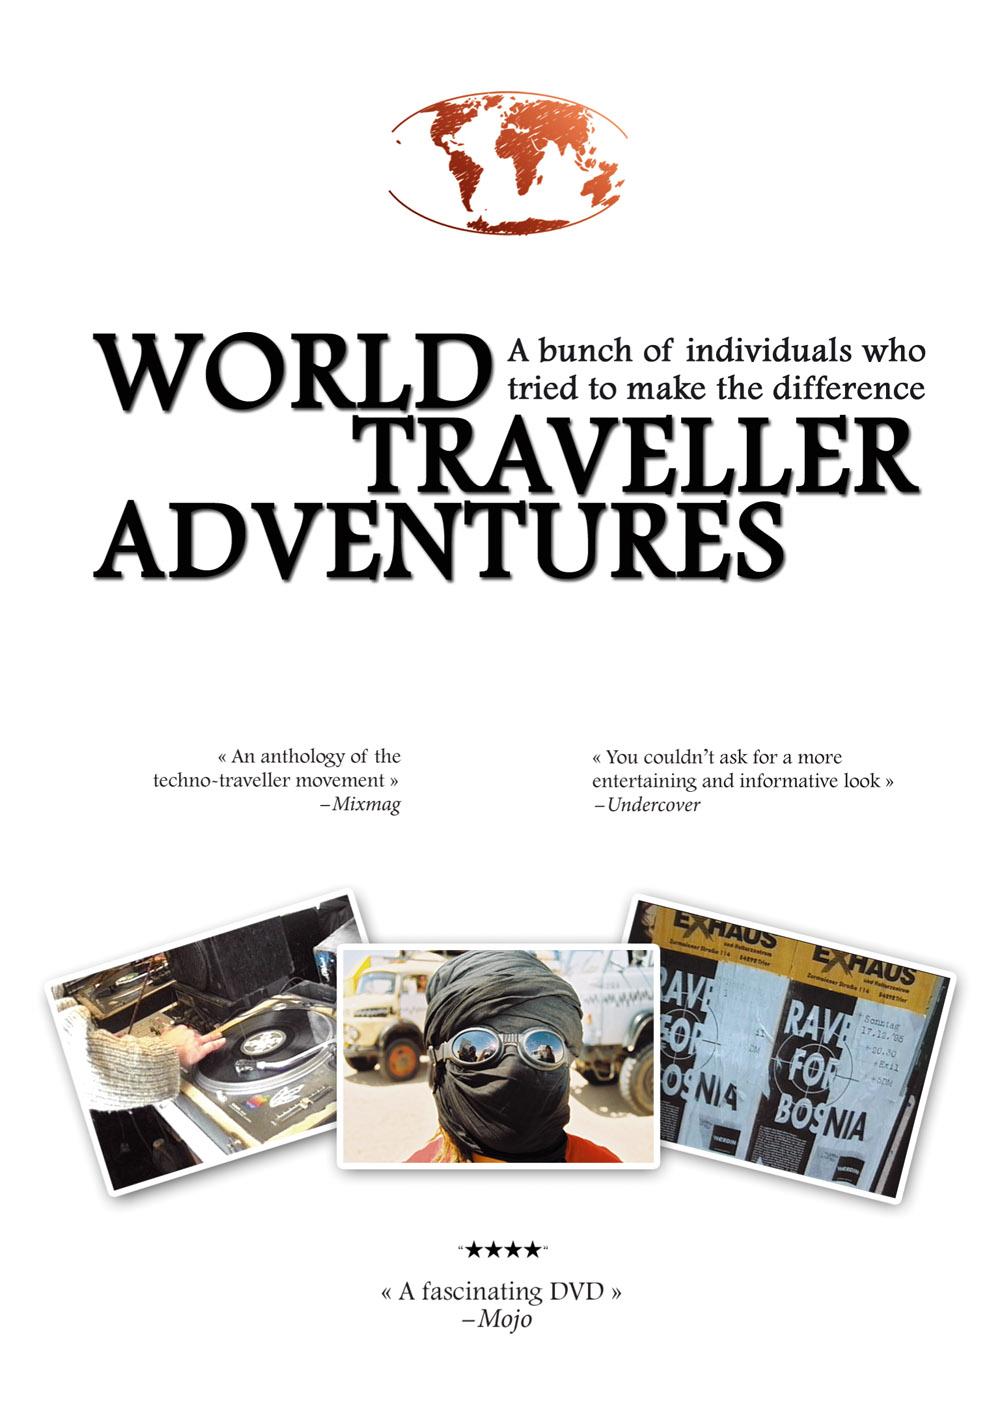 World Traveller Adventures